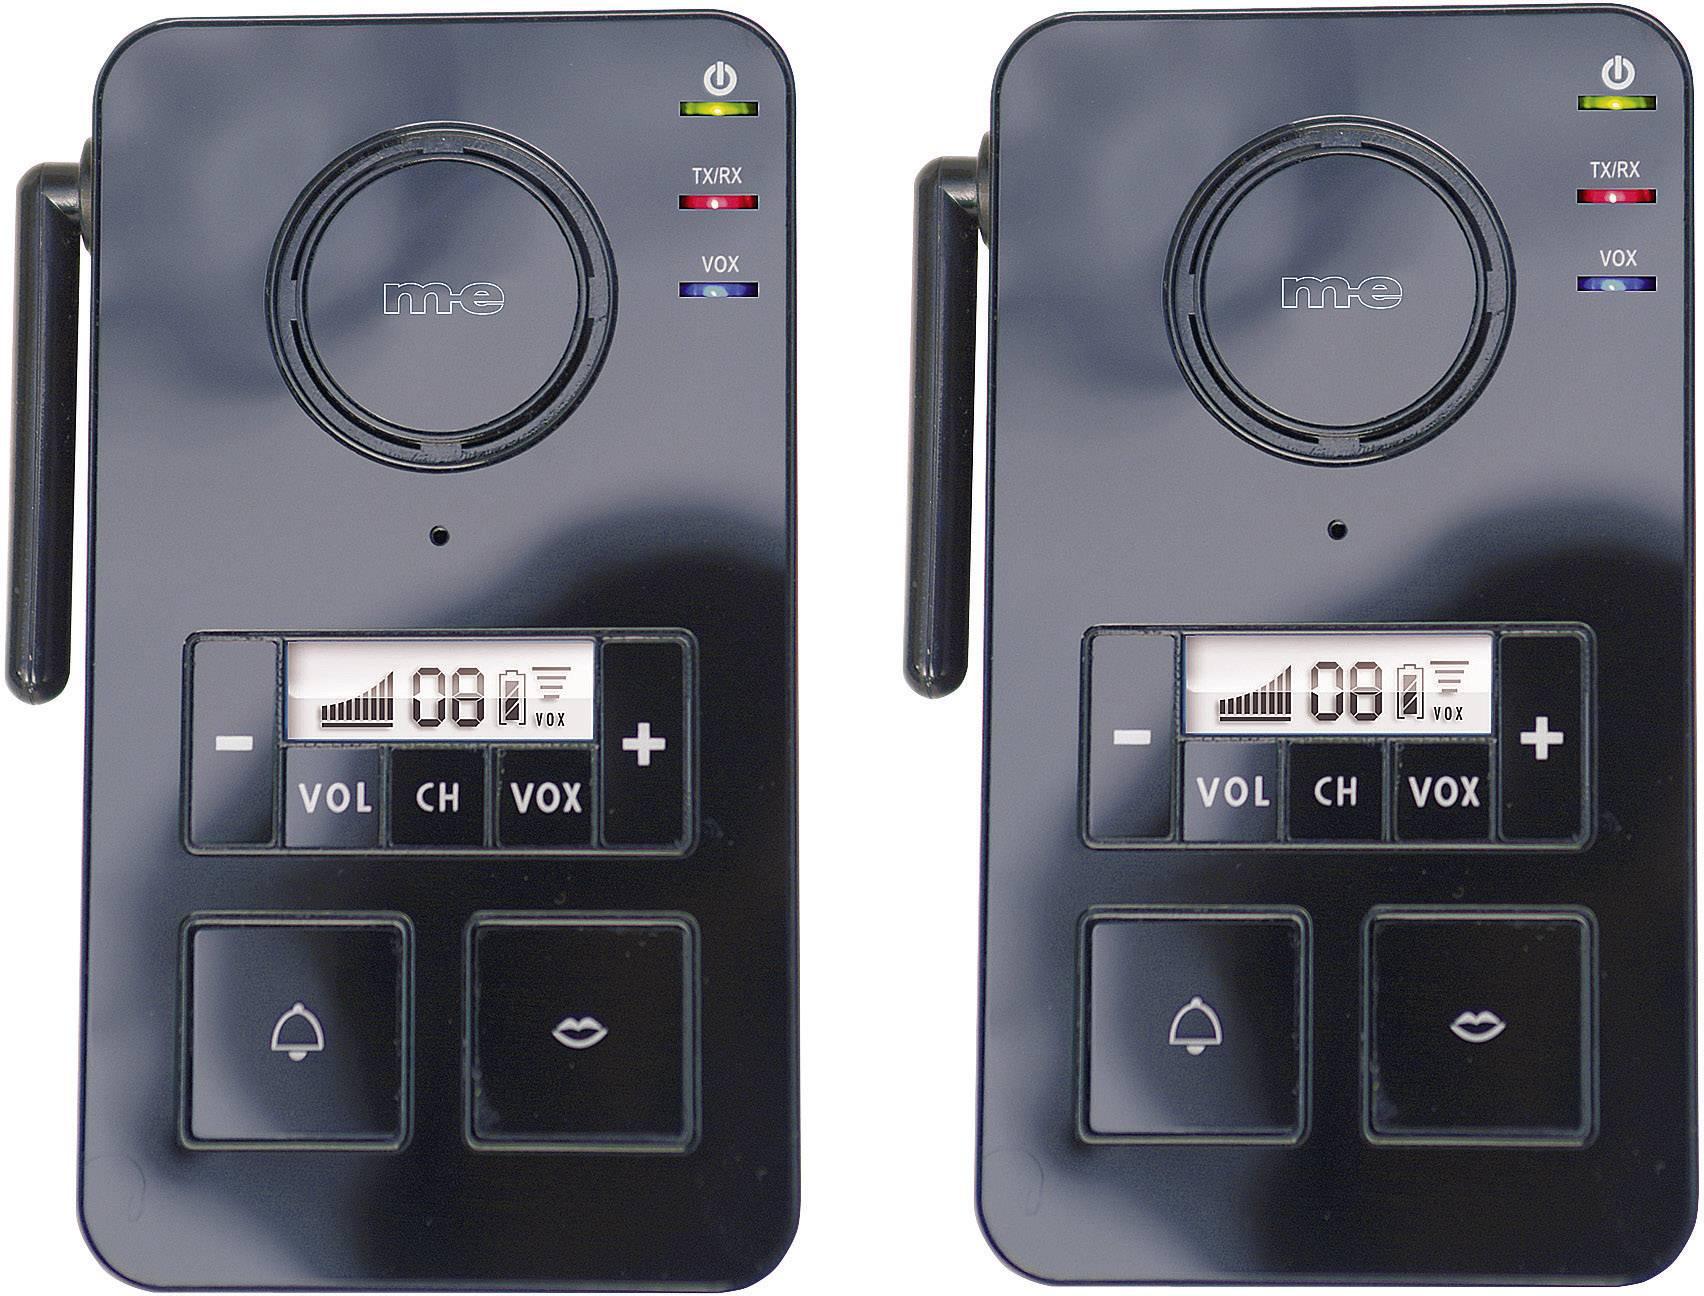 Bezdrôtové komunikačné zariadenie M-e GmbH FS 2.1, čierne